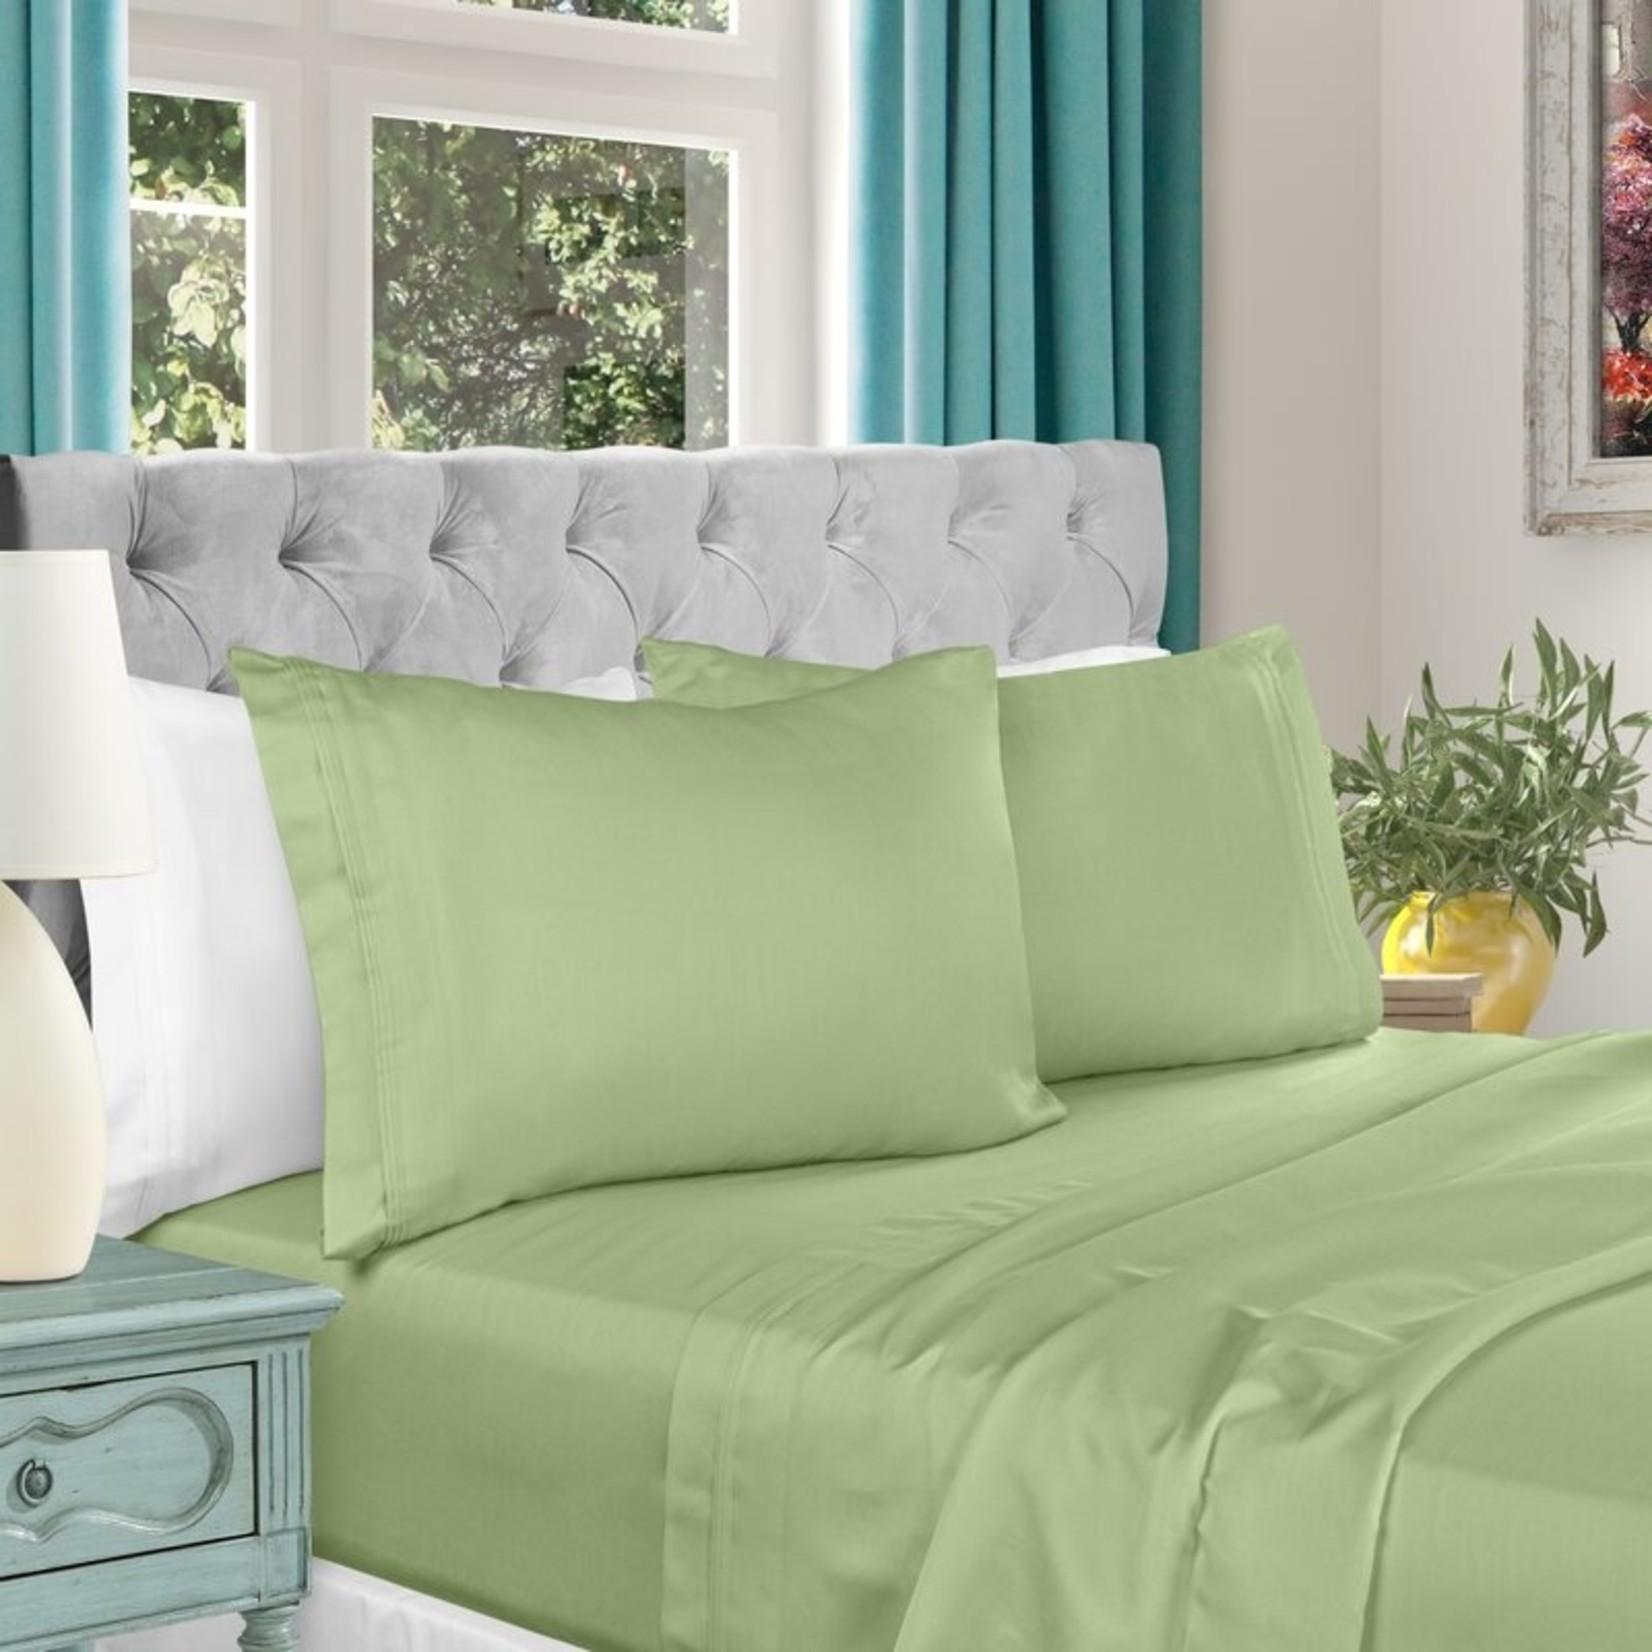 *Queen - Amherst 1000 Thread Count Egyptian Certified Cotton Sateen Sheet Set - Final Sale